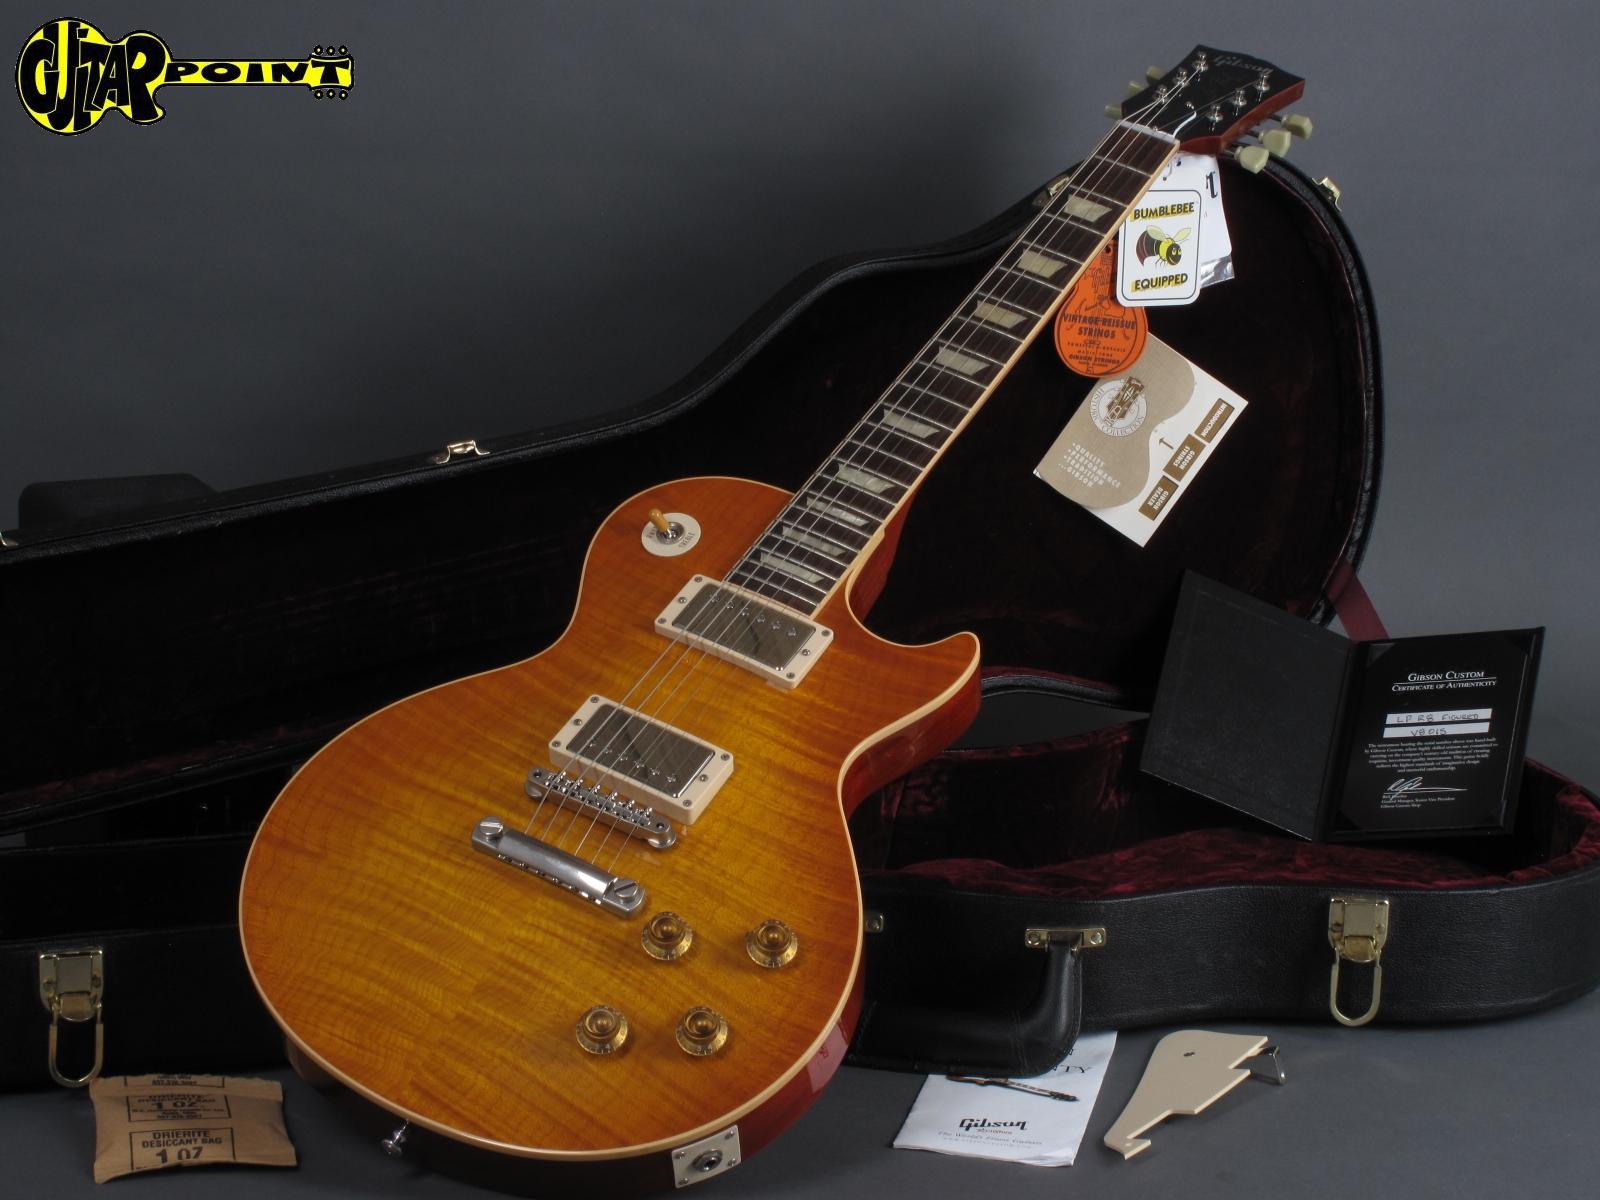 2010 Gibson Les Paul 1958 Reissue / Beauty of the Burst Pg  30 - Faded  Cherry Sunburst